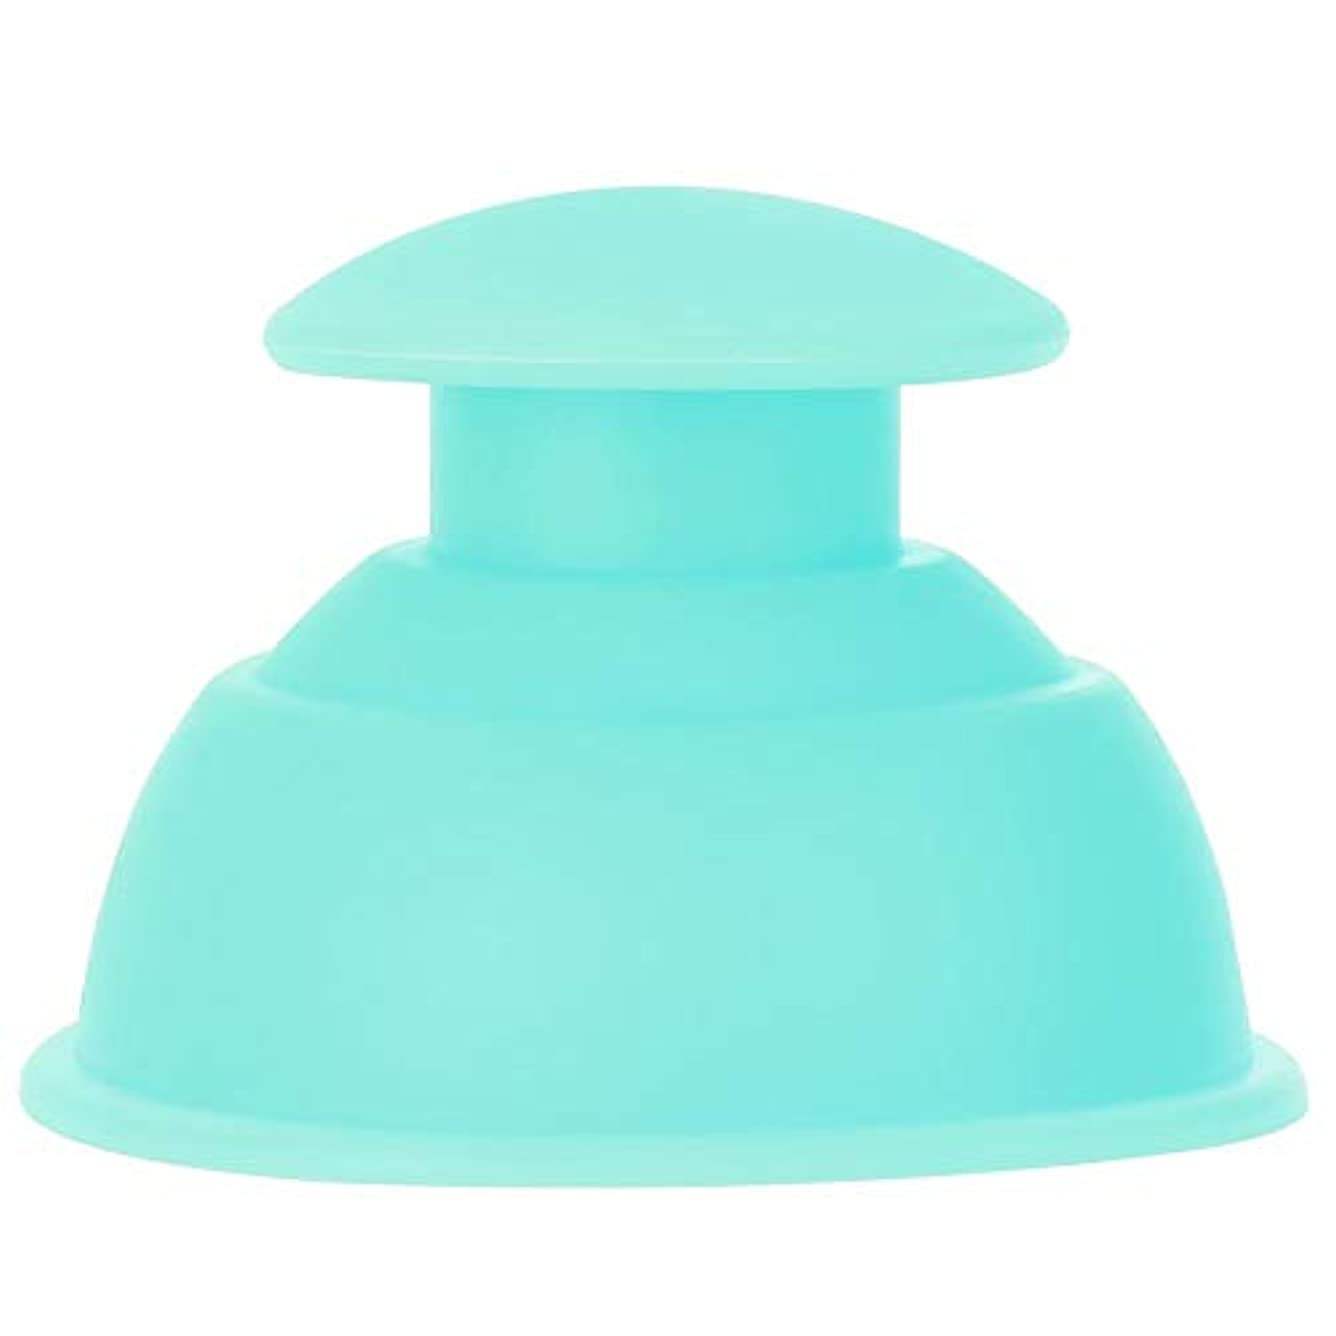 将来のピストン平均7種類のカッピングカップマッサージセット、シリコーン水分吸収剤アンチセルライトバキュームによる 全身疲れの緩和(グリーン)